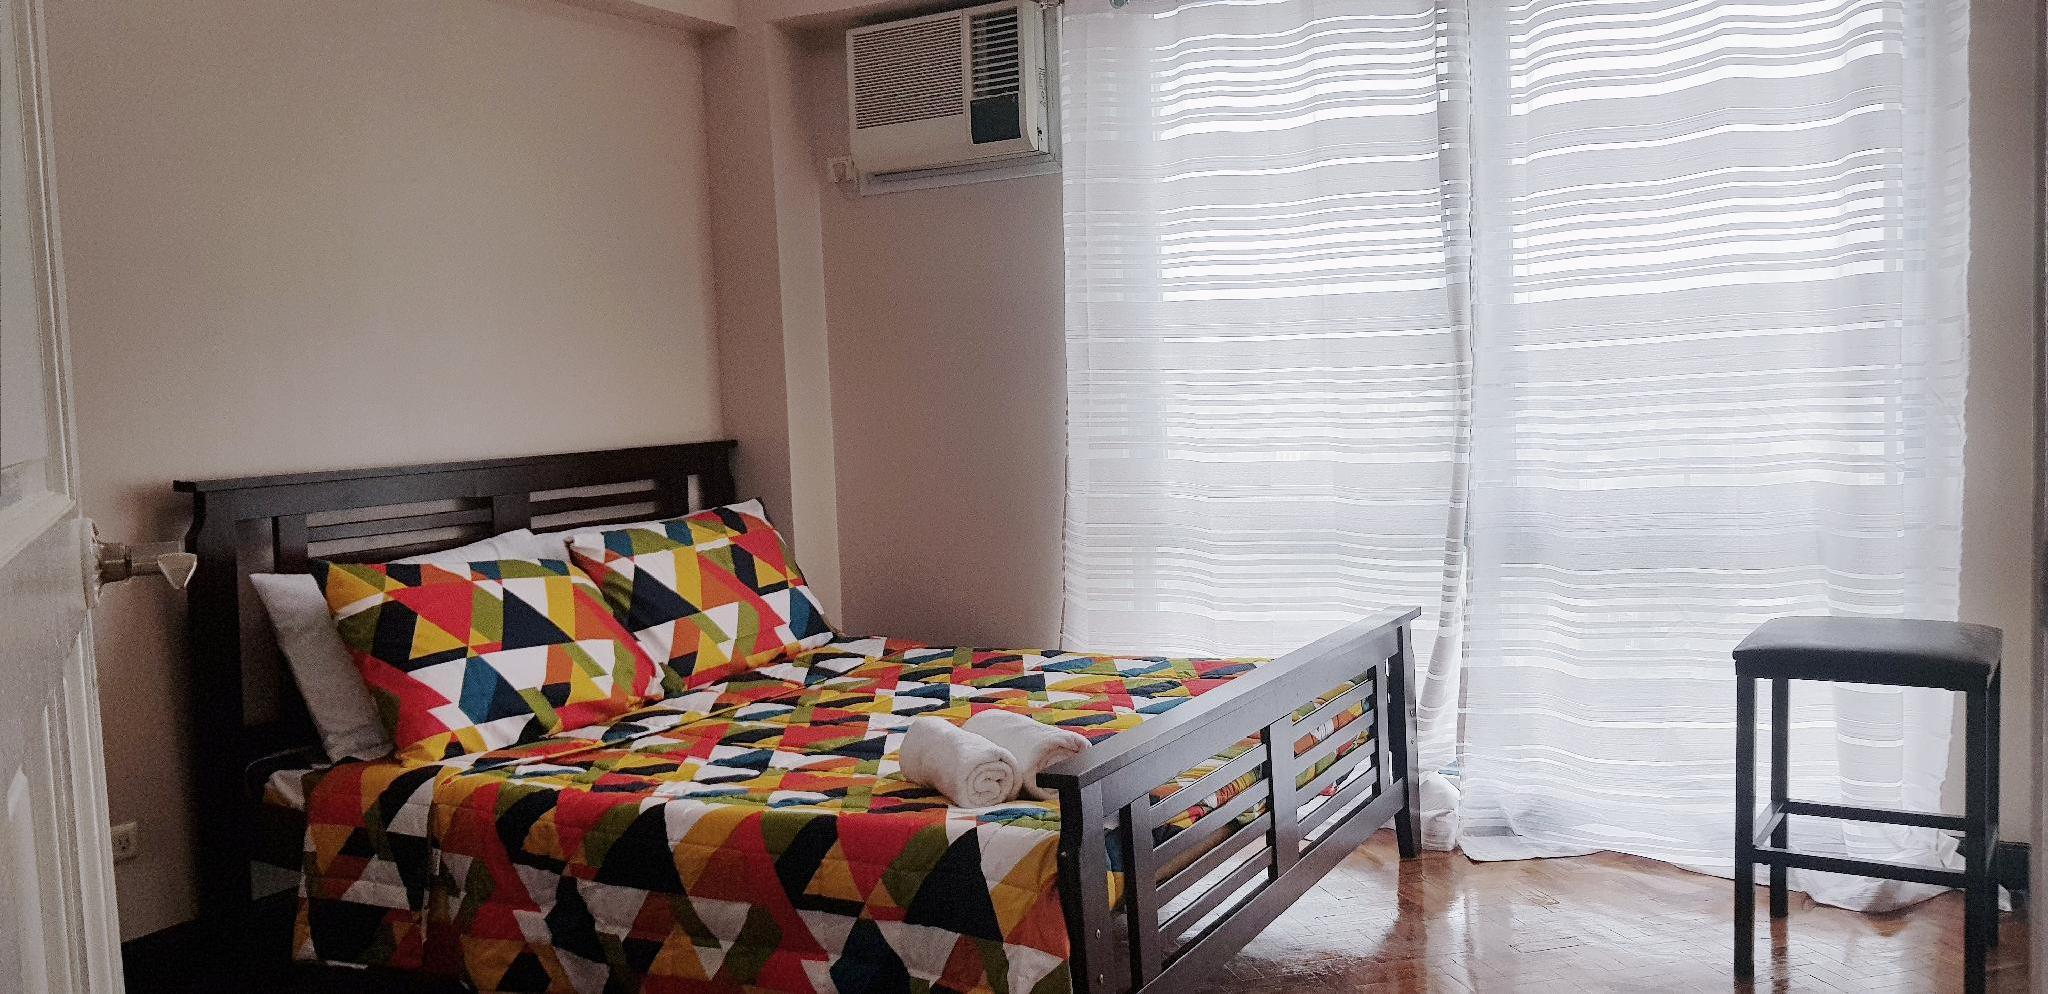 1707 Holistay Manila 2-Bedroom Condo with Netflix